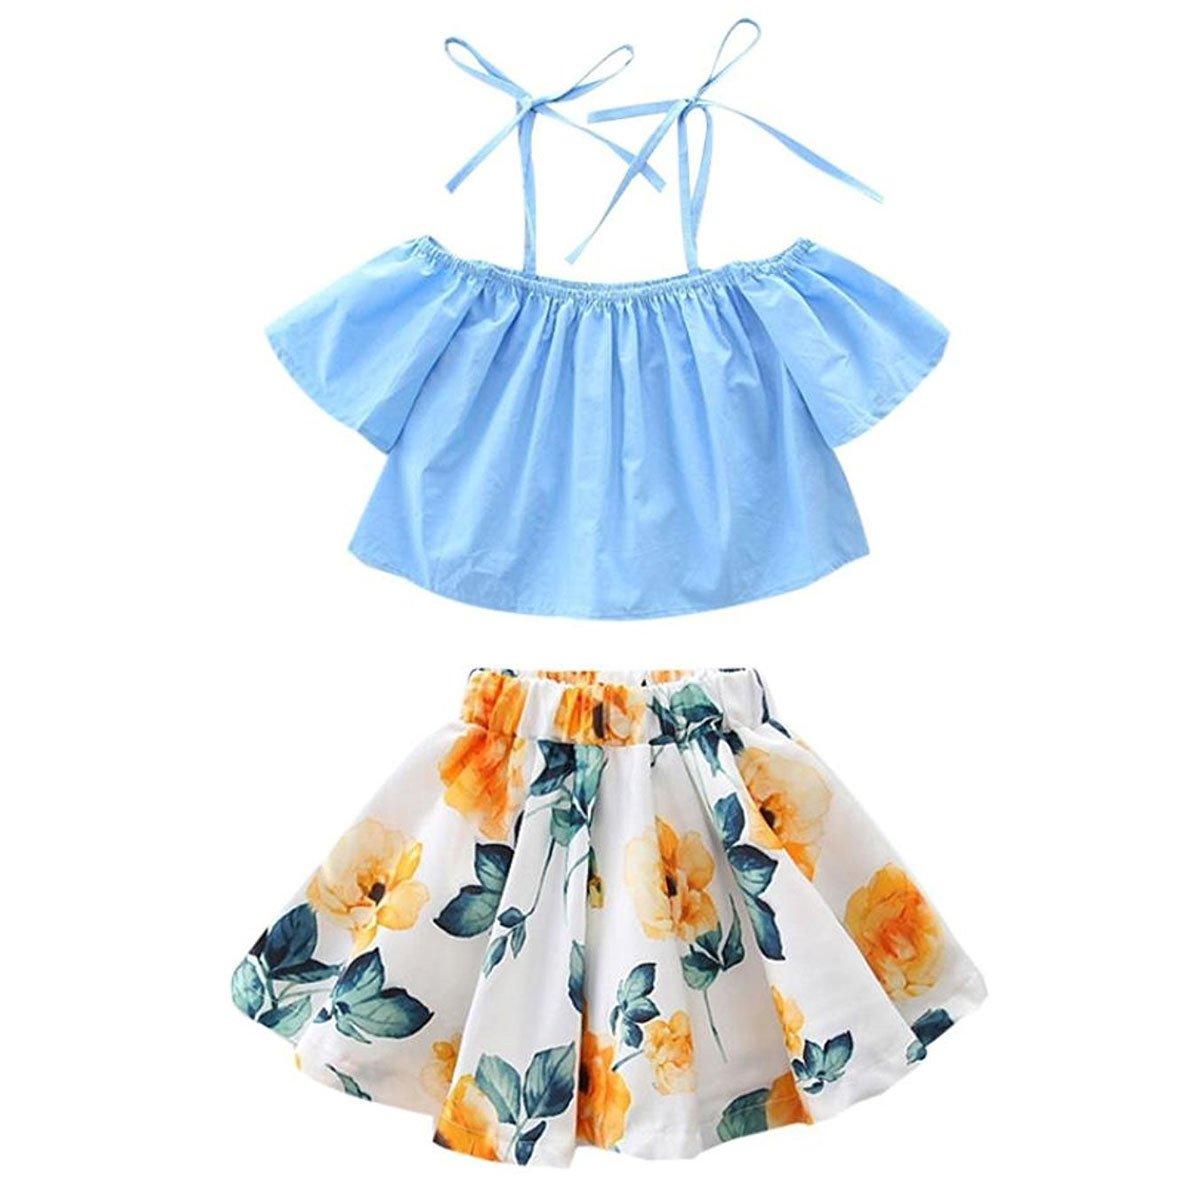 Arleysh Toddler Baby Girls Clothes Summer Off Shoulder Tops + Floral Skirt 2pcs Outfits Set (1-2T, Blue Flower)